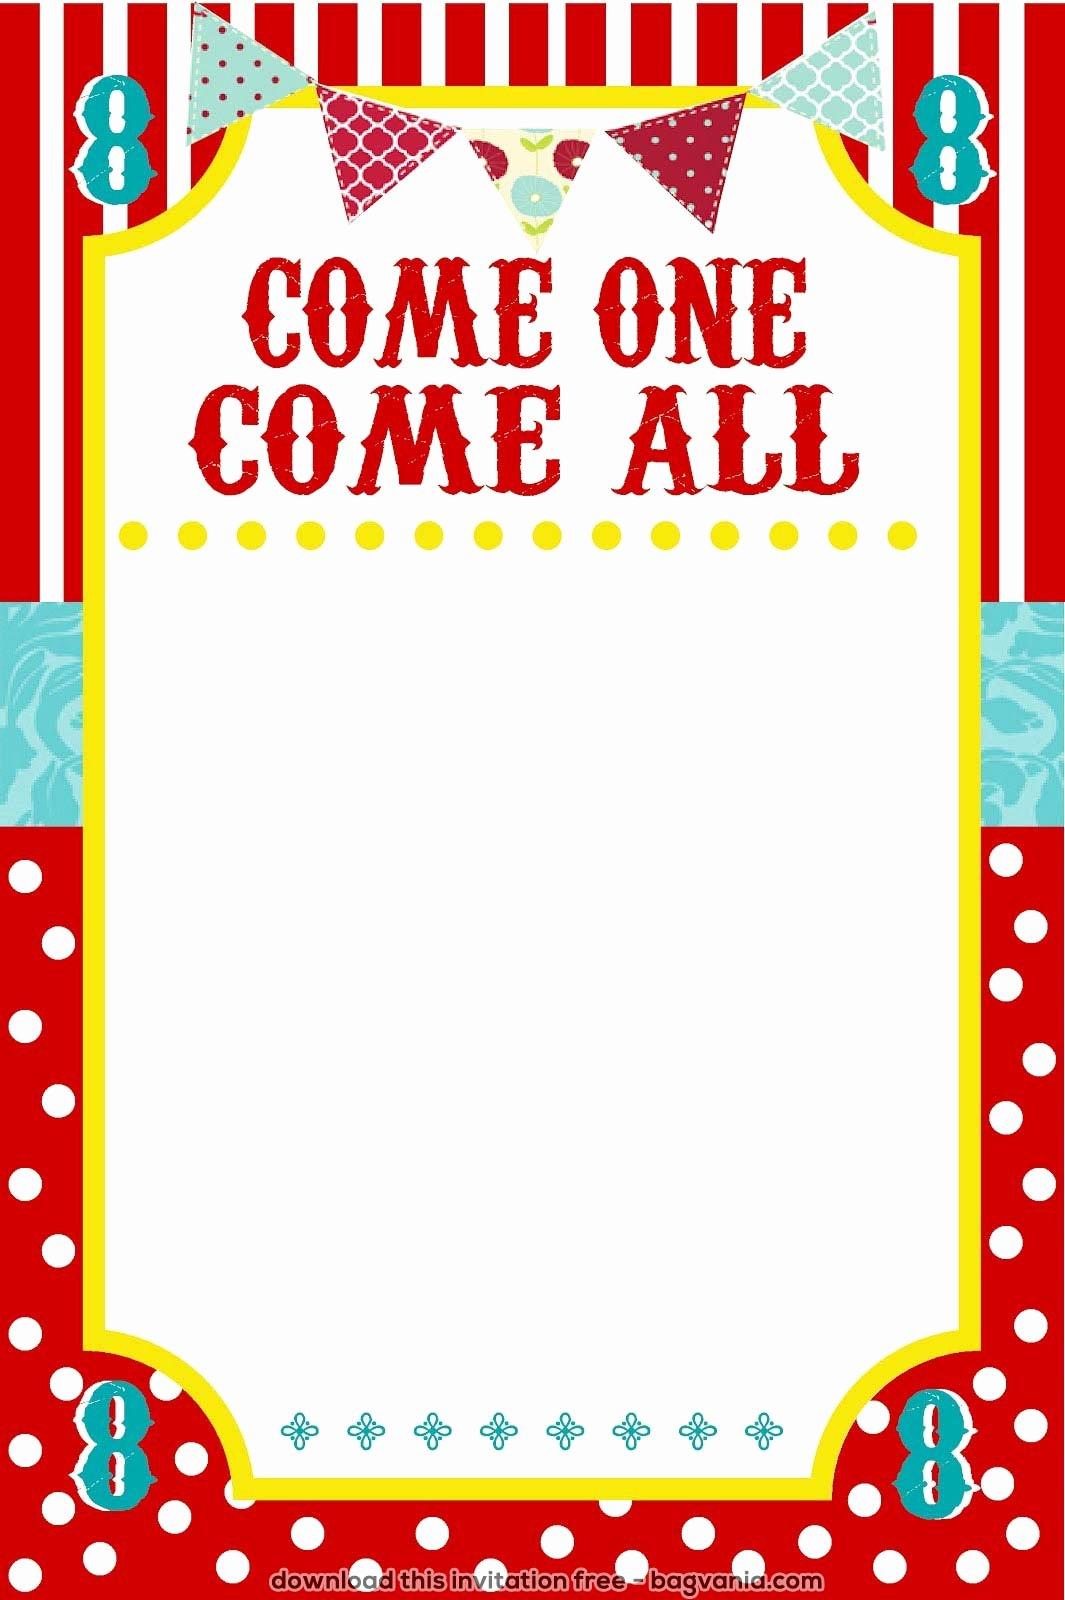 Carnival Invitation Template Free Unique Free Carnival Birthday Invitations – Free Printable